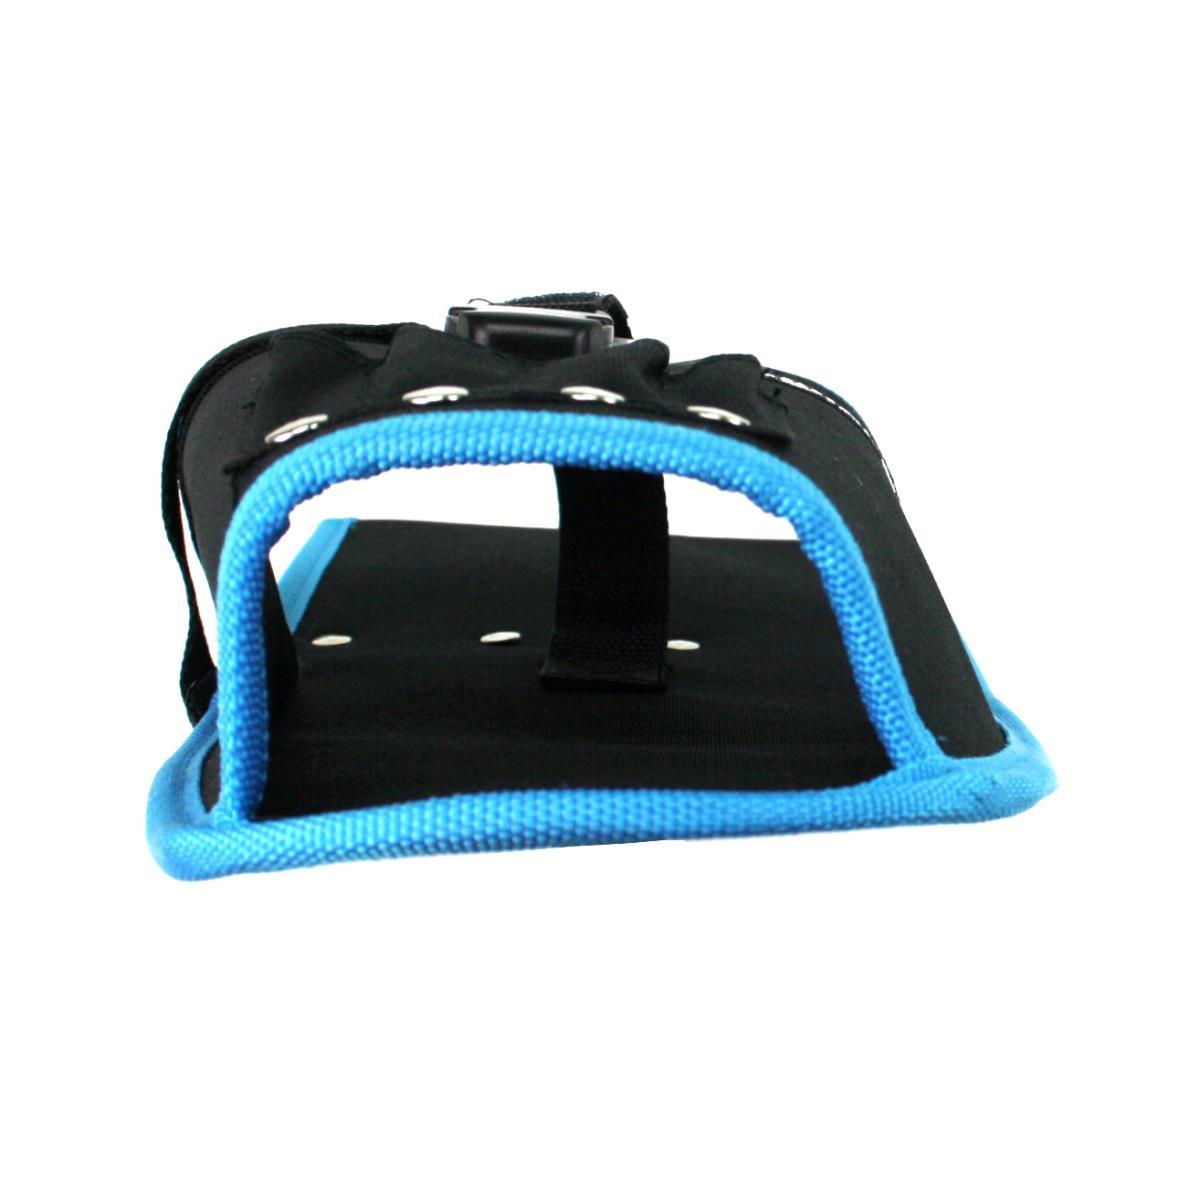 Gürtel Werkzeugtasche für Akkuschrauber Heimwerker Arbeitstasche Gürteltasche,Vagner SDH,VG037, 6920998200371